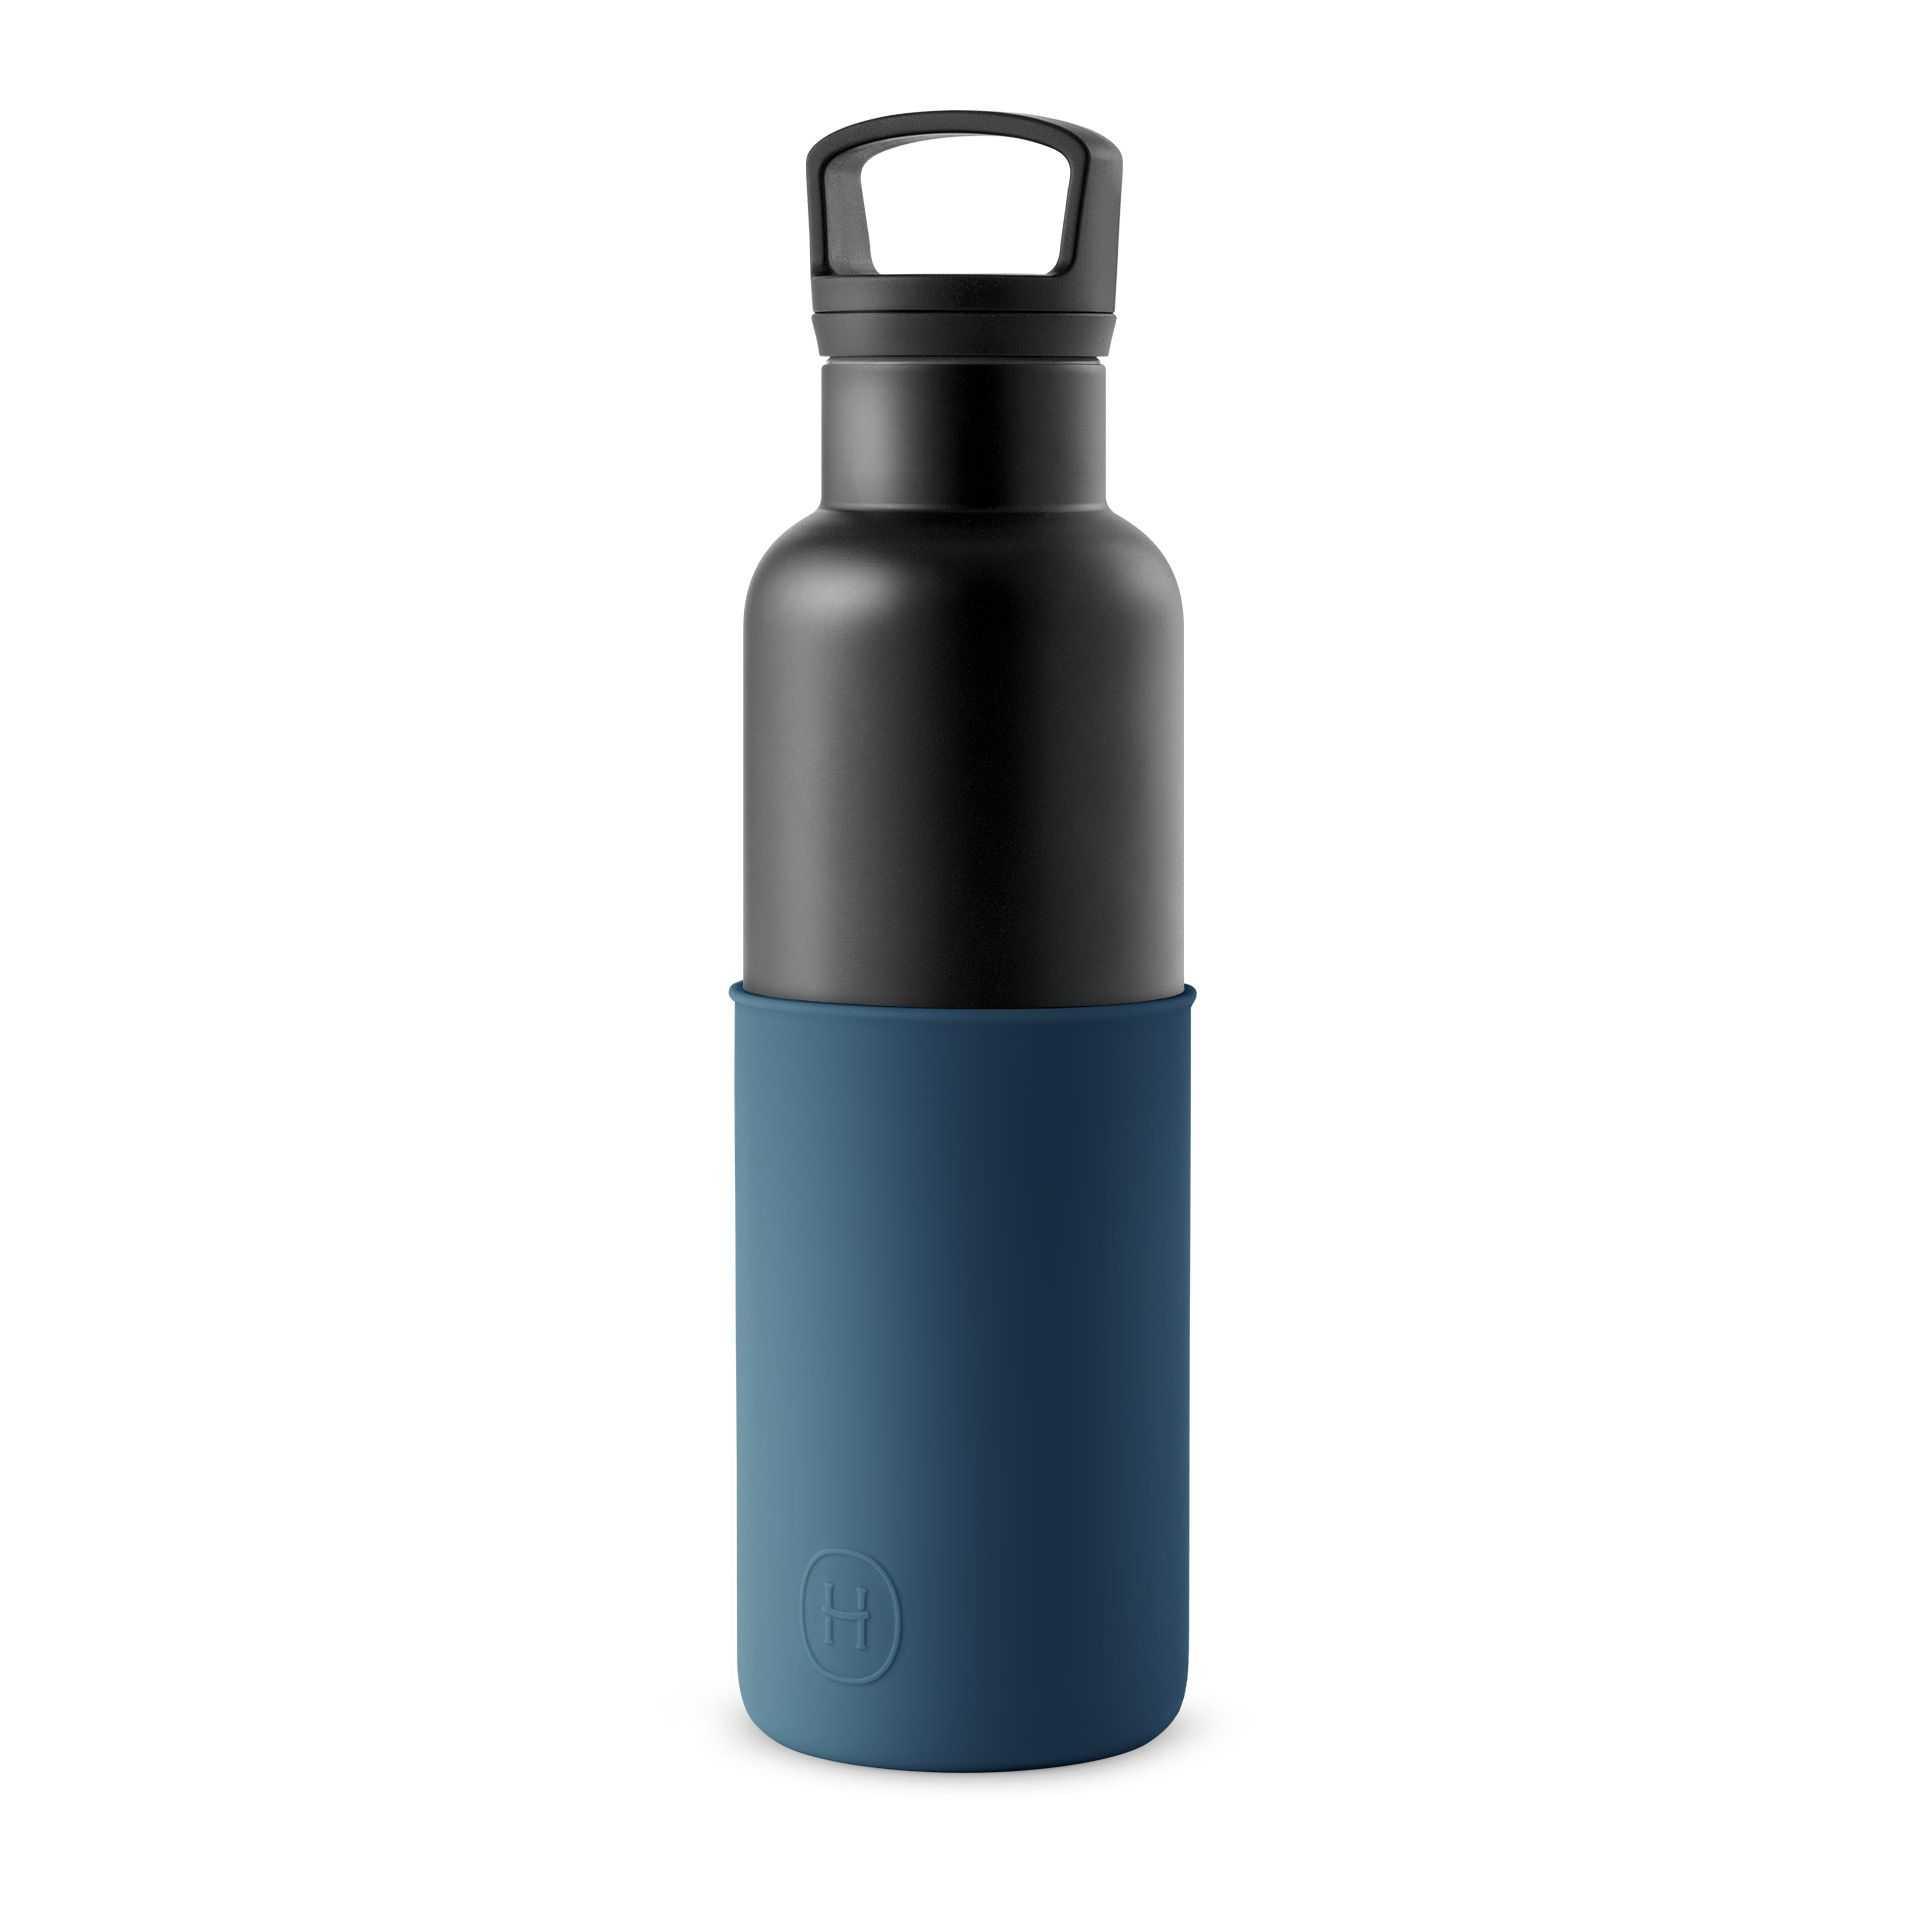 【HYDY】海軍藍-黑瓶 590ml